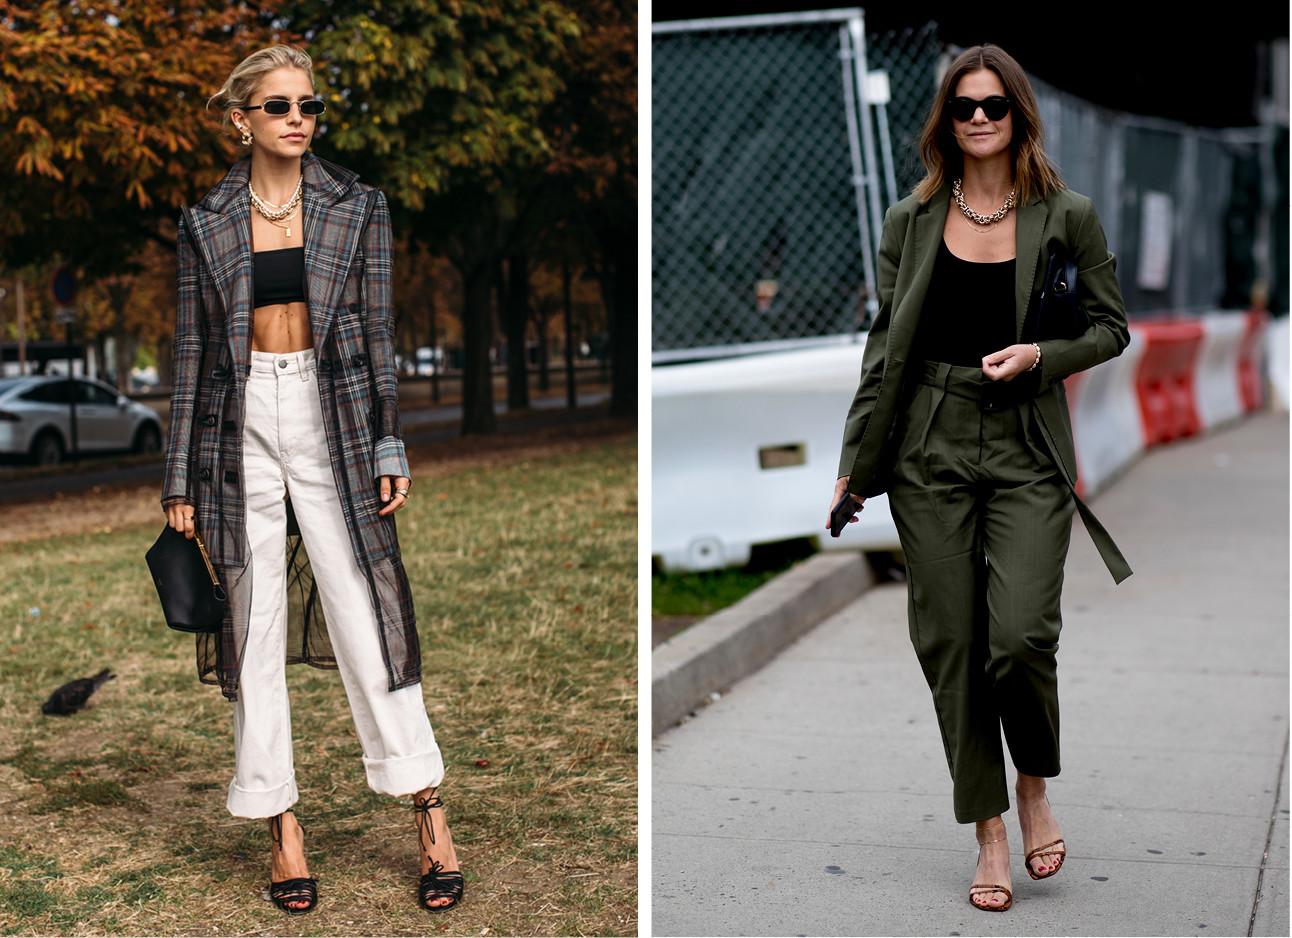 een draagt een witte broek met een zwarte bandeau top en een geruite jas de andere draagt een donker groen pak en een zwarte top